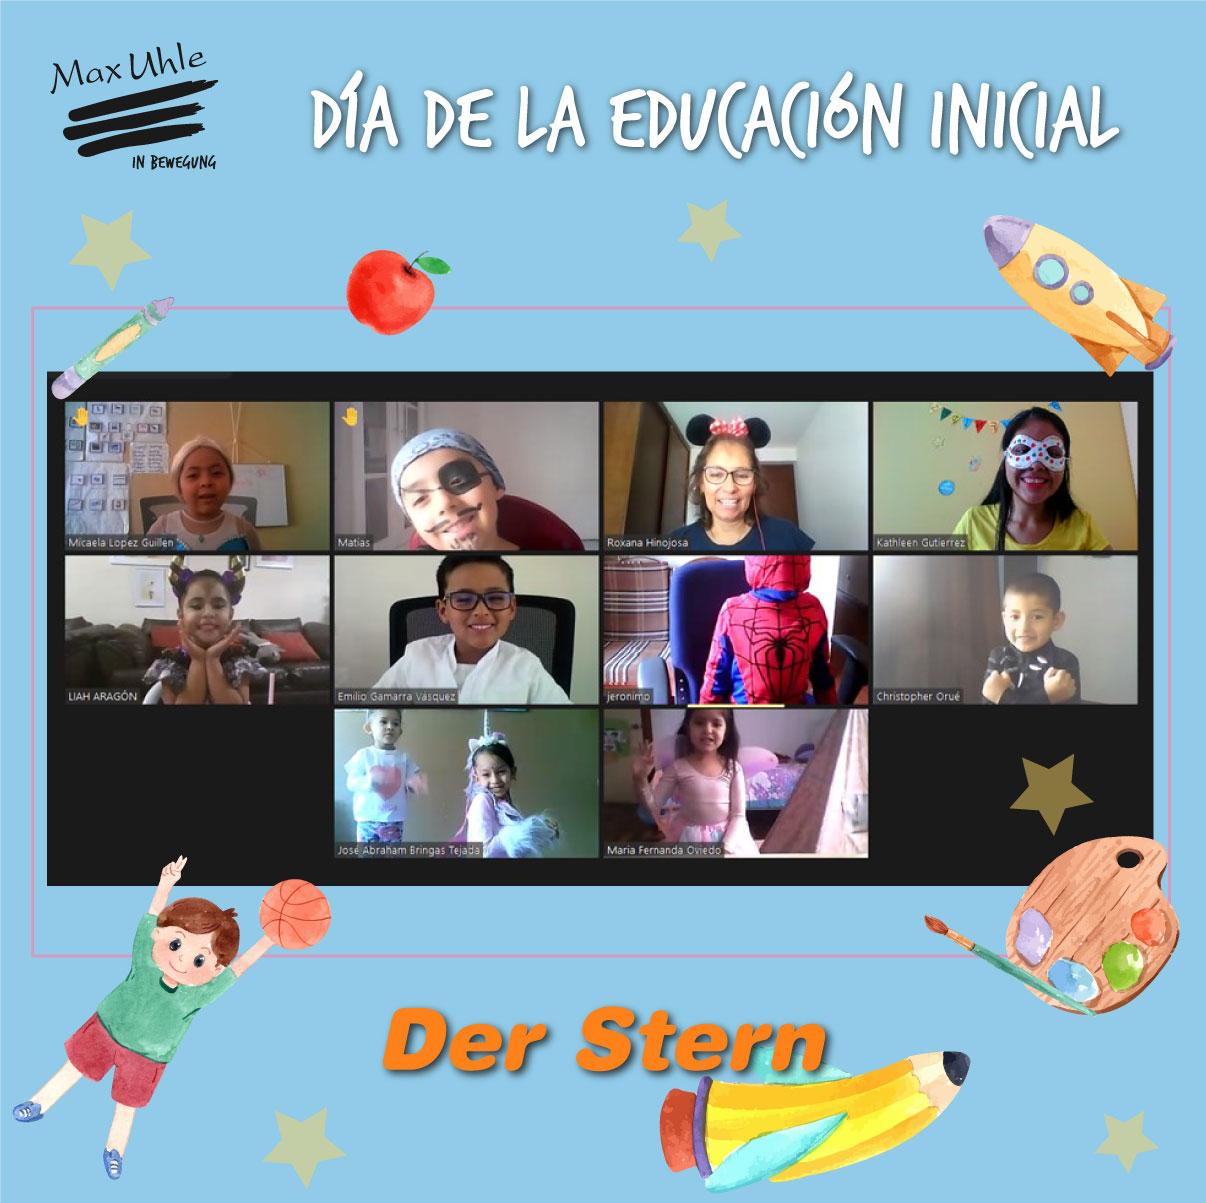 Der Stern 2 Día de la Educación Inicial